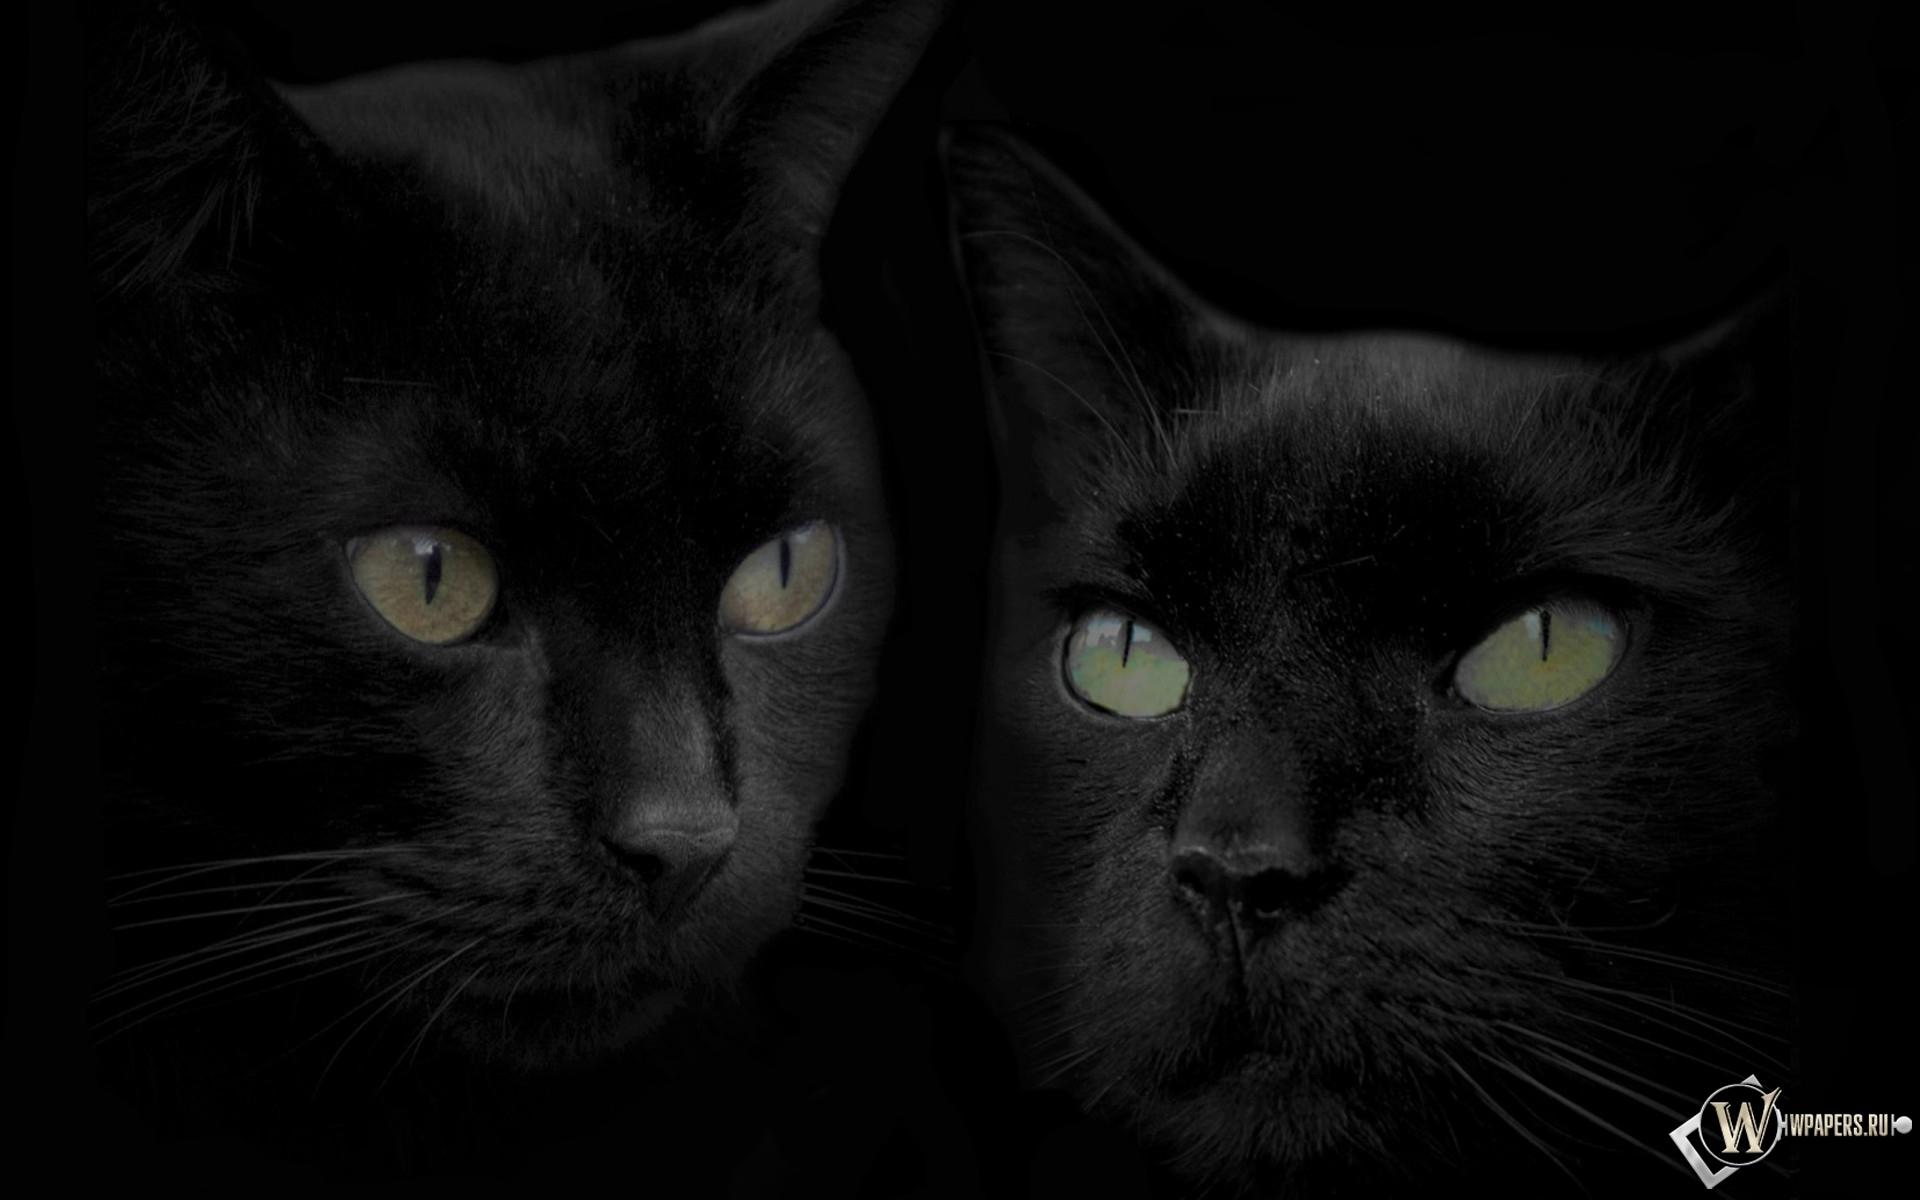 Черные кошки 1920x1200